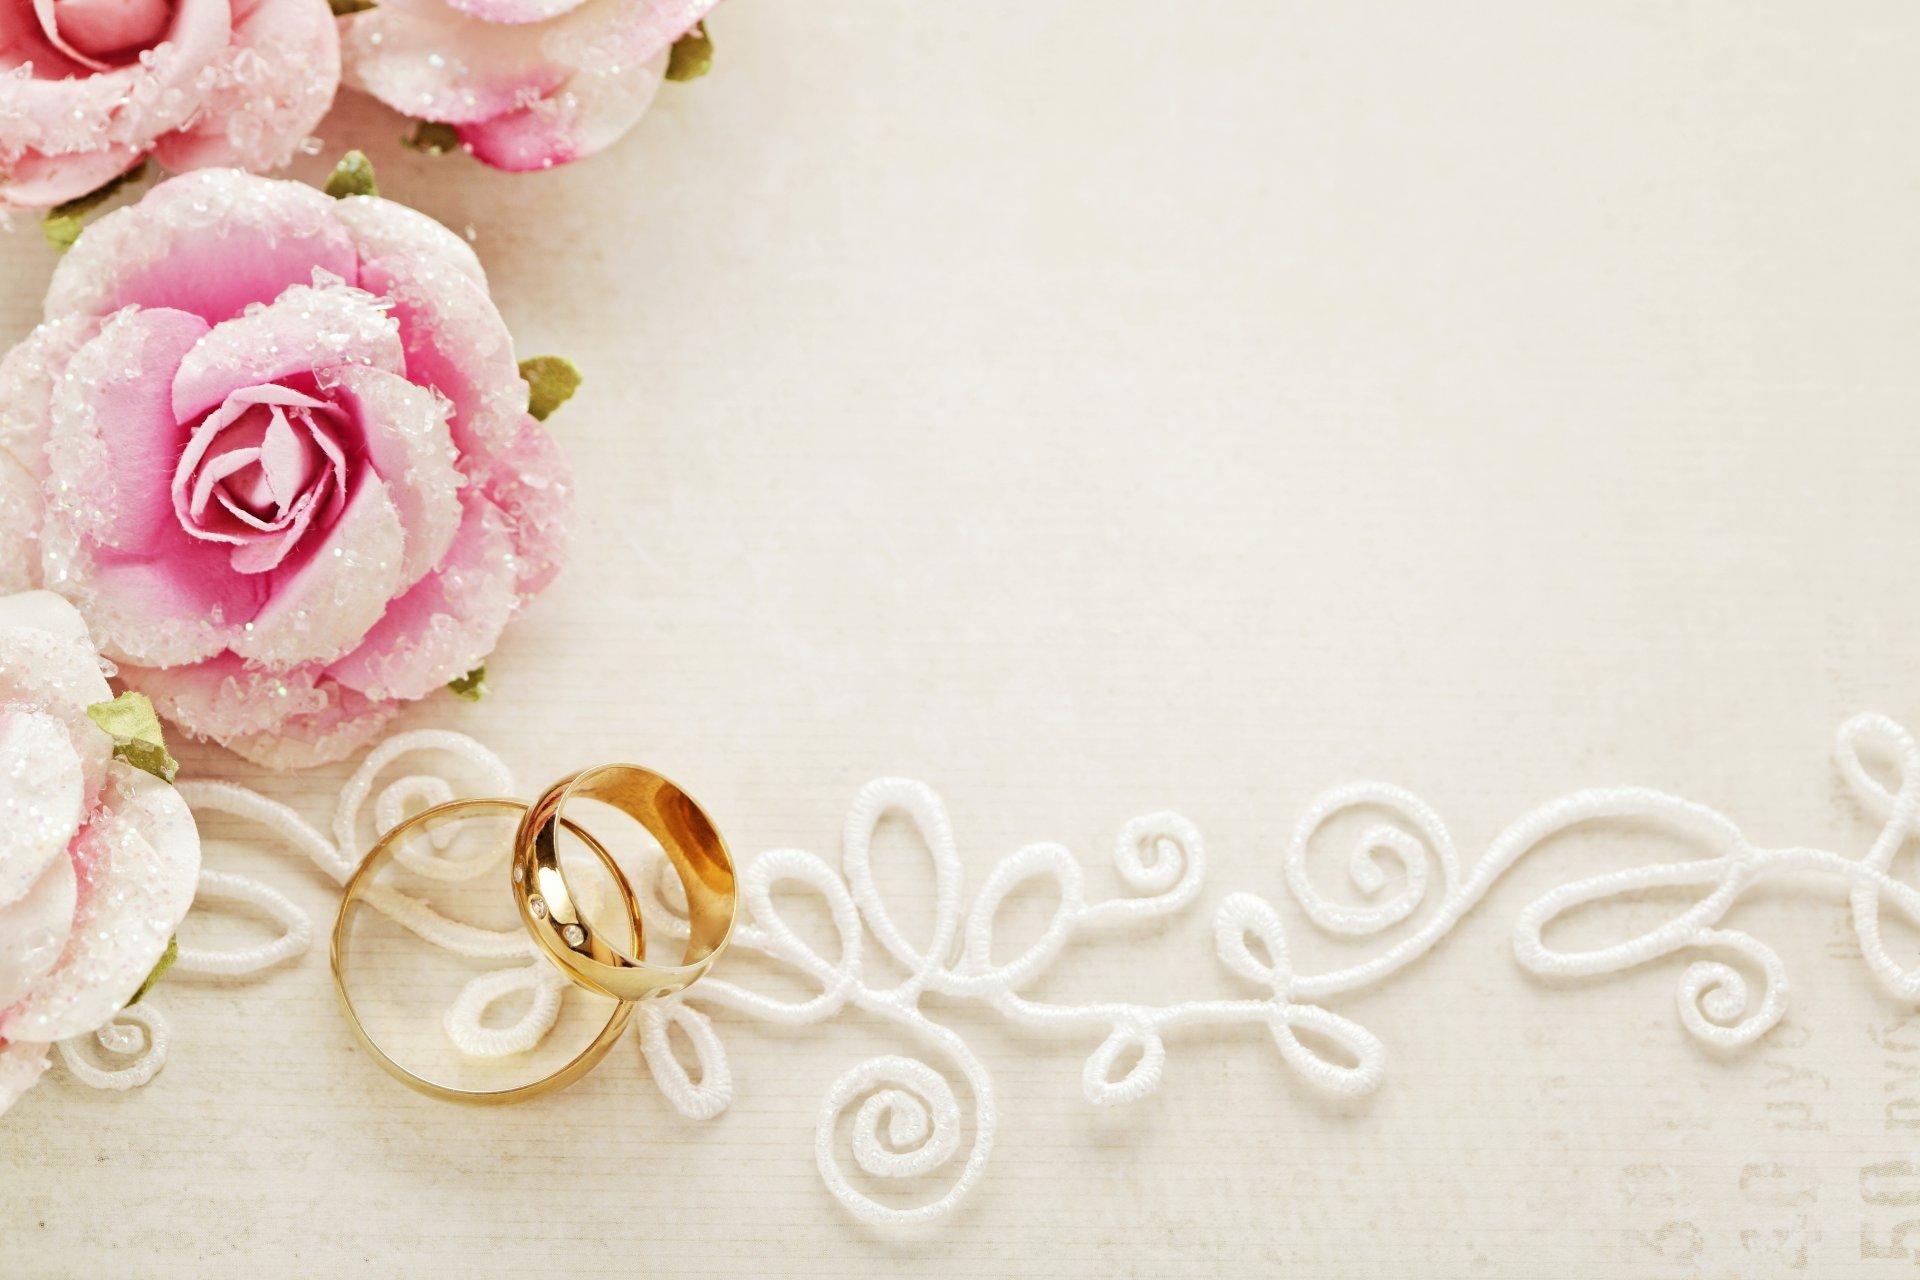 Фон для открытки с днем свадьбы красивые